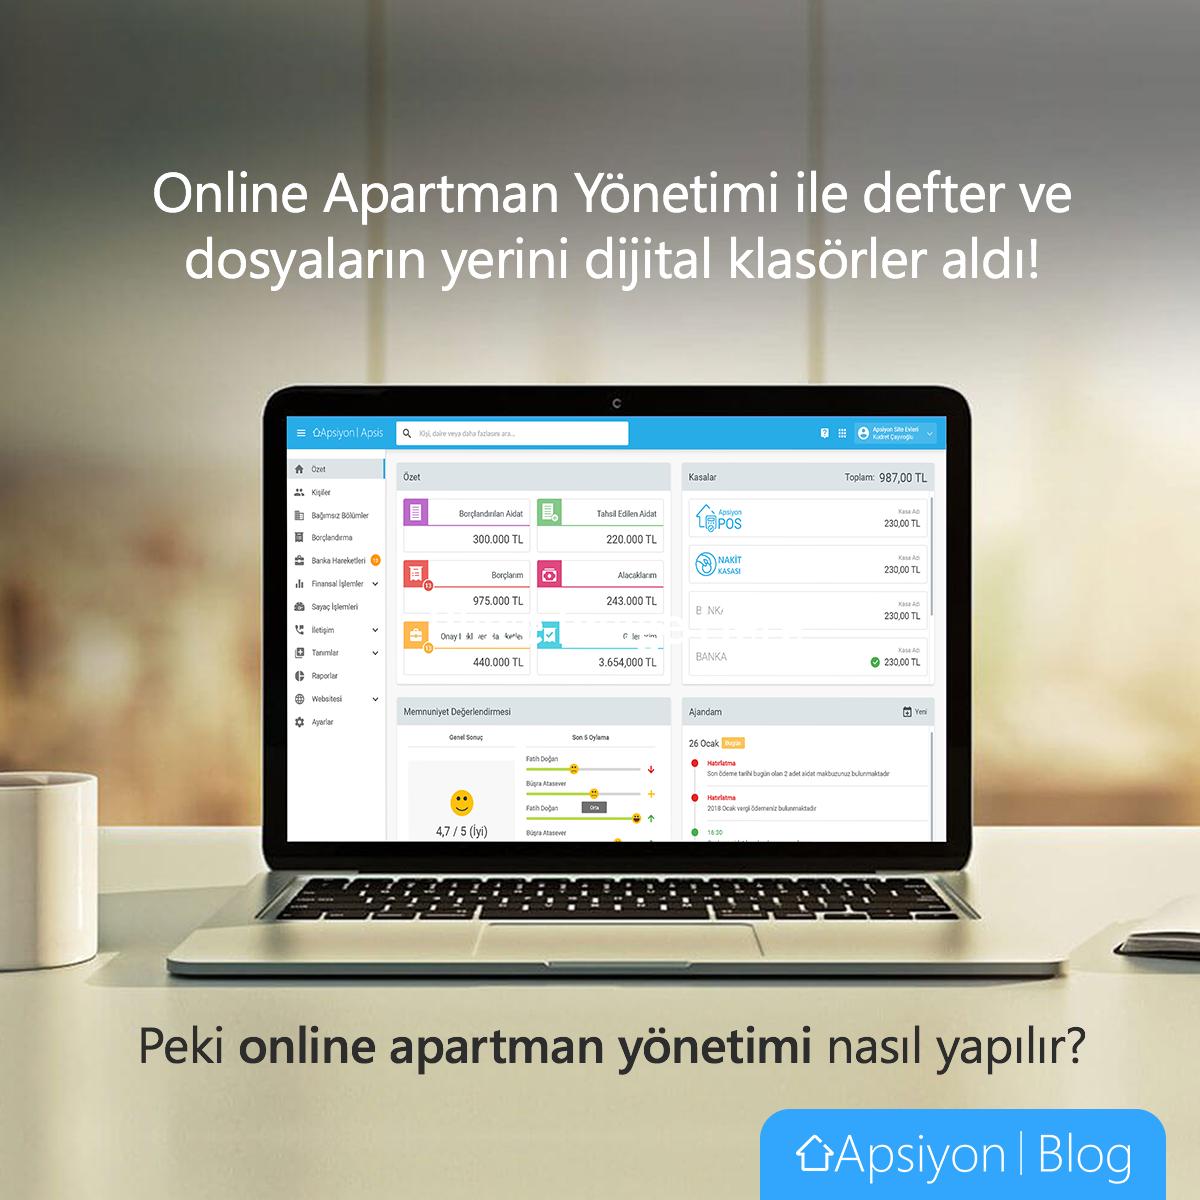 Online Apartman Yönetimi Nasıl Yapılır?